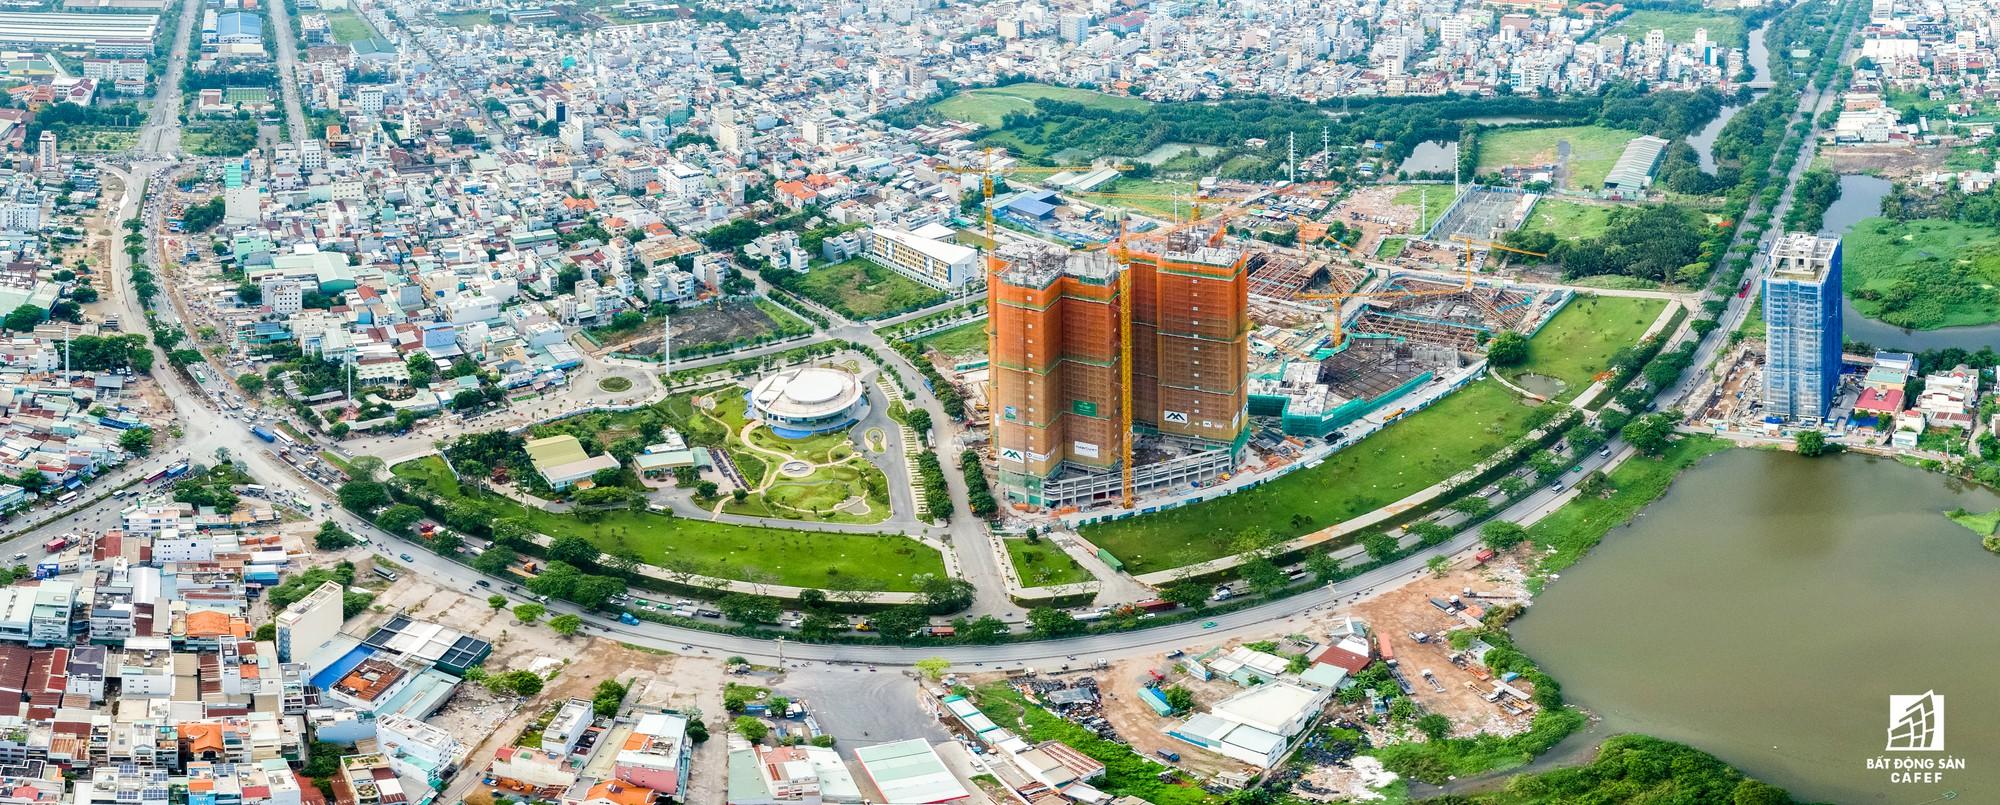 Toàn cảnh đại lộ tỷ đô đã tạo nên một thị trường bất động sản rất riêng cho khu Nam Sài Gòn - Ảnh 3.